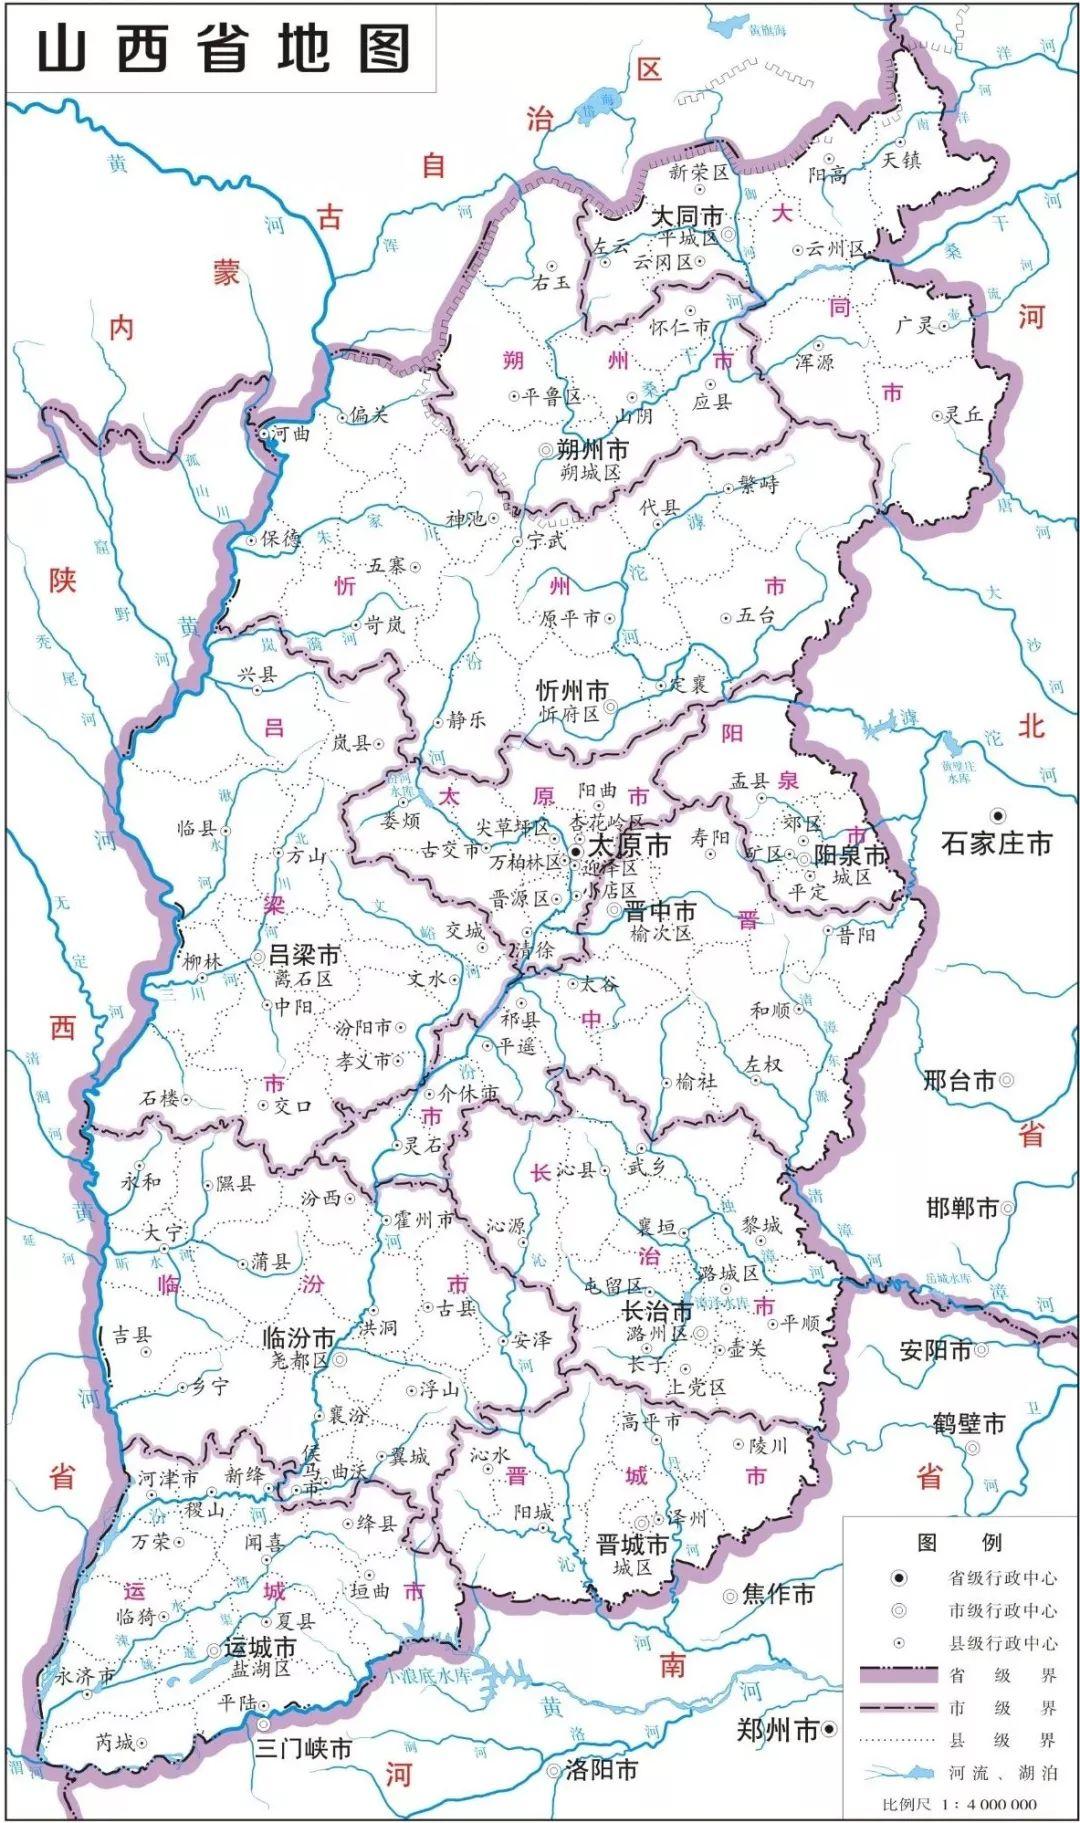 新版地图发布! 晋城有变动! 其中泽州…